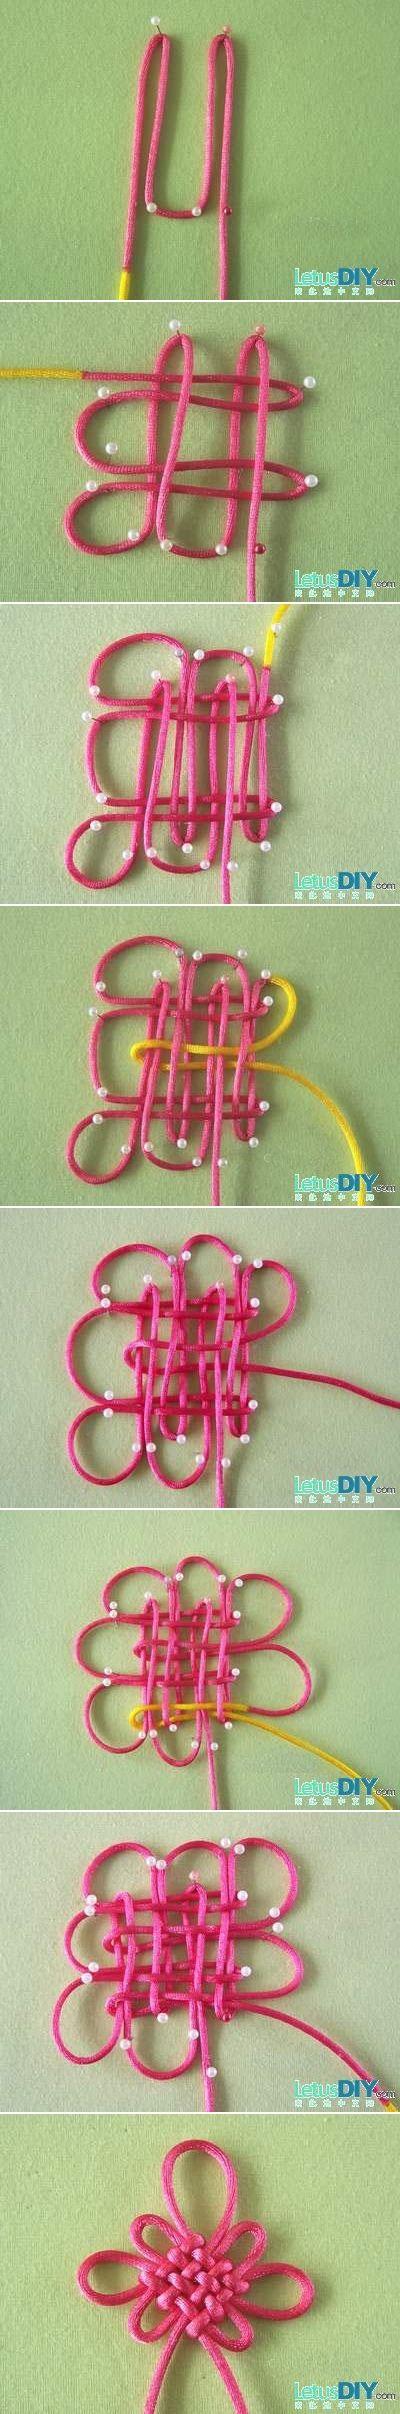 Lunar New Year Ornament DIY | www.FabricArtDIY.com